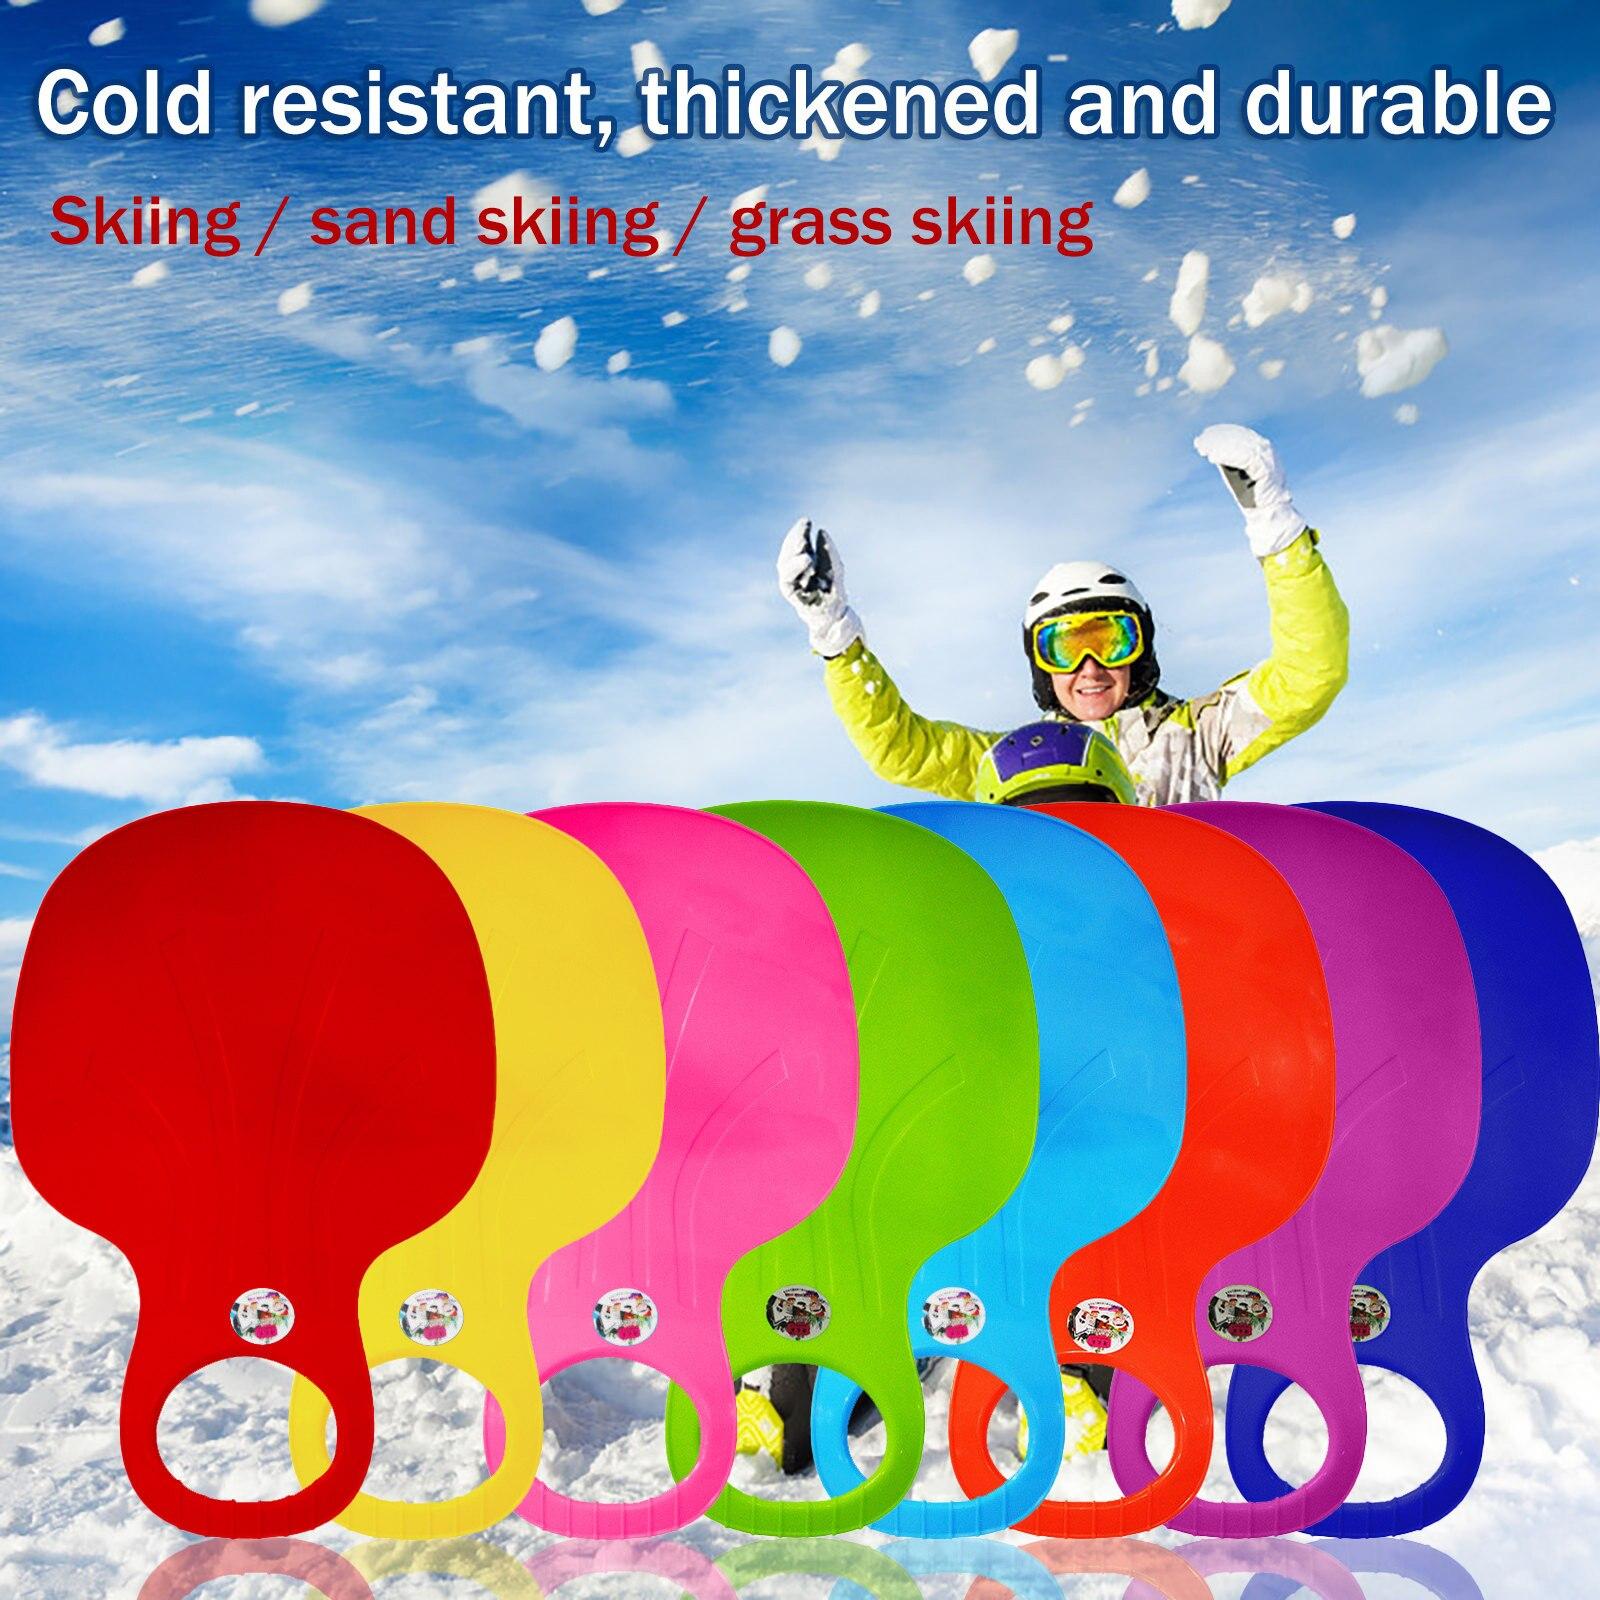 Tapis de ski de plein air, Sports d'hiver, planche de traîneau en plastique épais, glisseur de traîneau, 2021